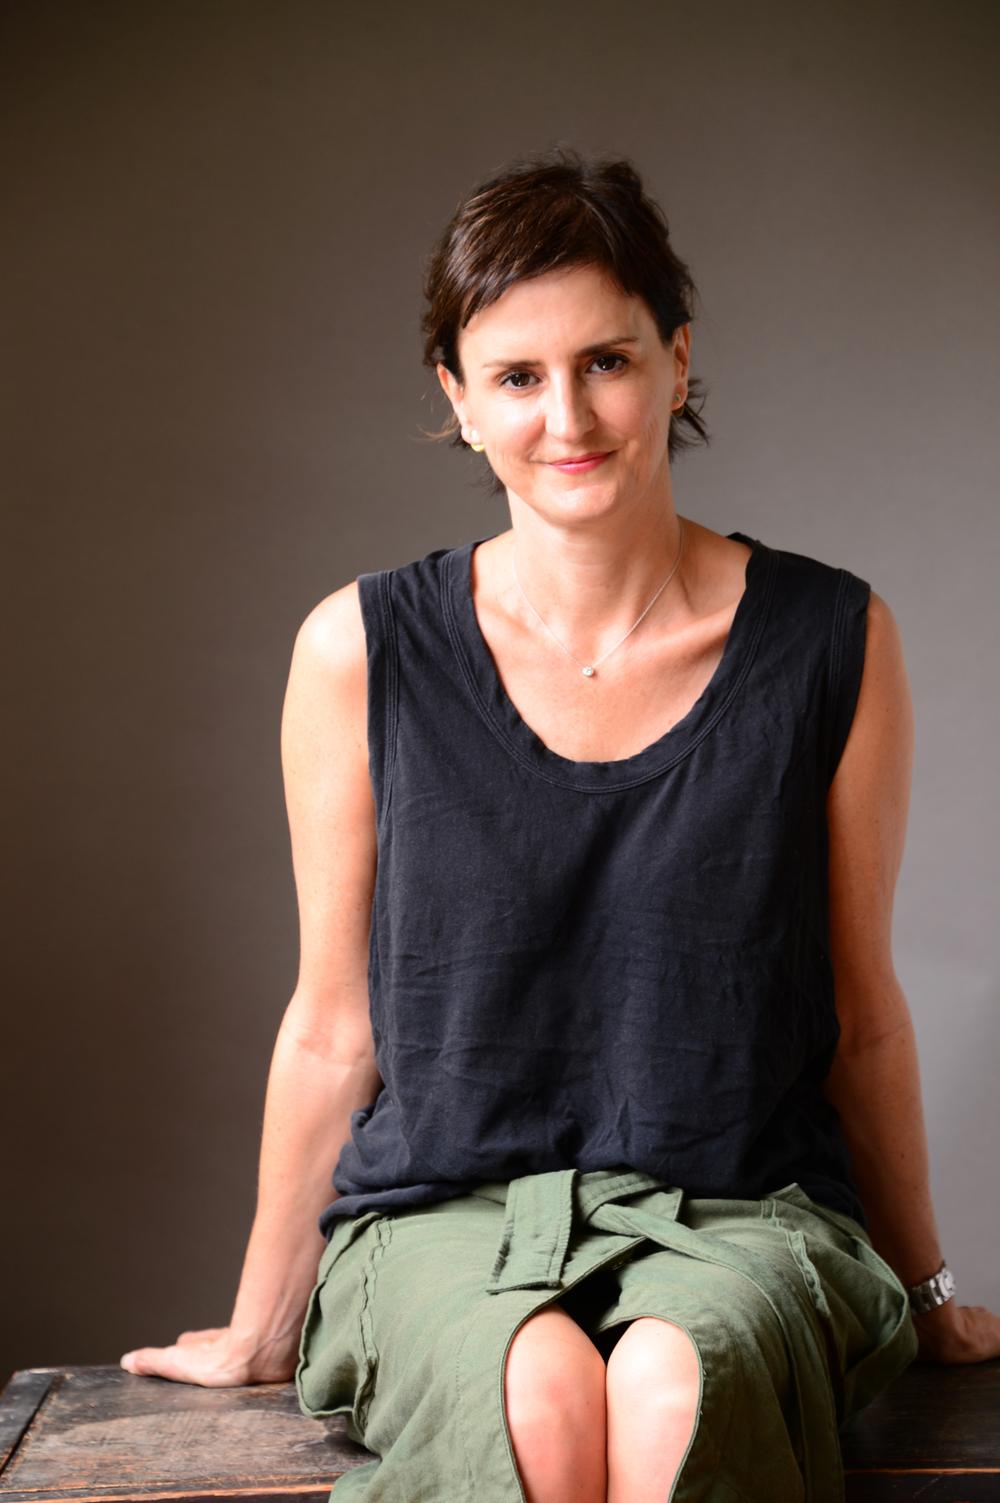 Founderinterview - Stephanie Devine from The Very Good Bra